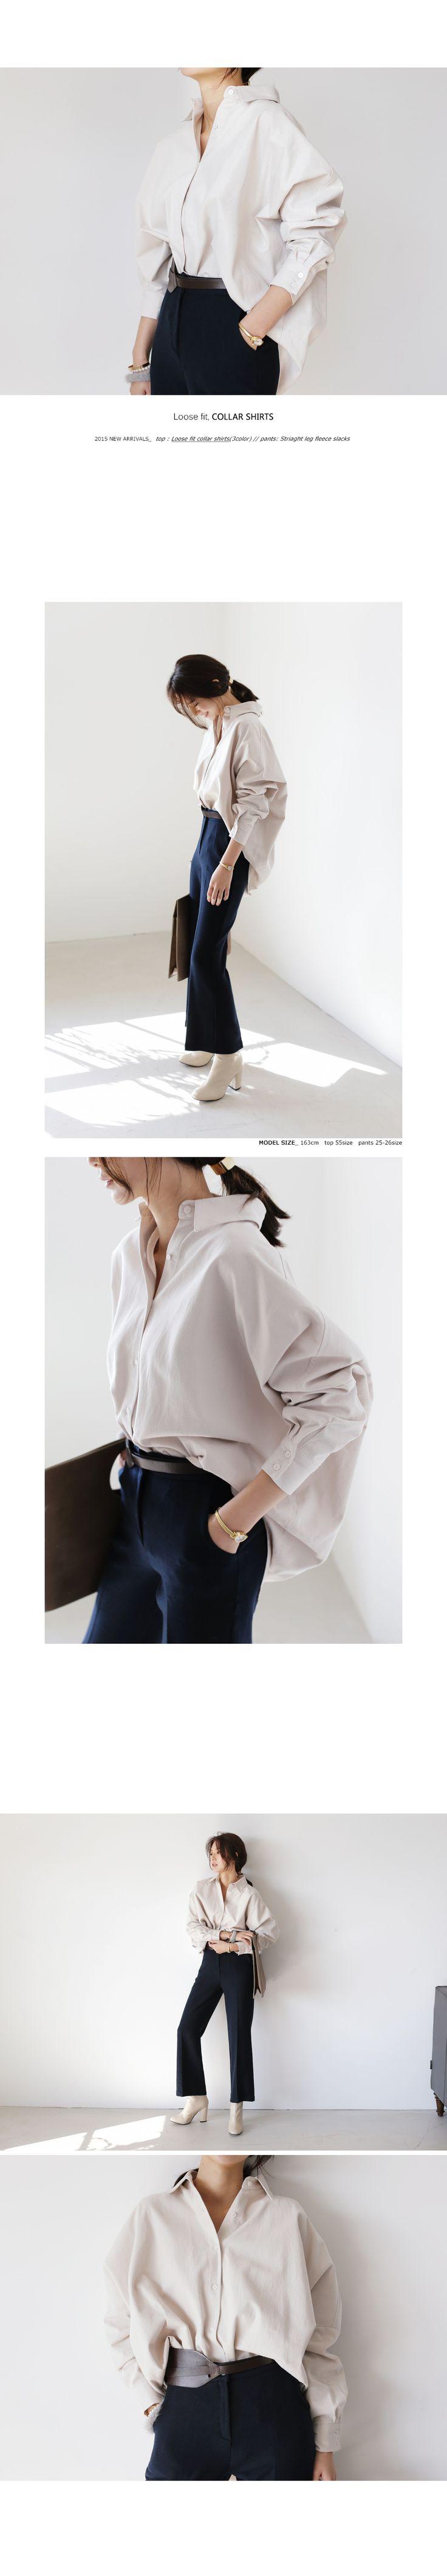 ドロップショルダーオーバーサイズシャツ・全3色シャツ・ブラウスシャツ|レディースファッション通販 DHOLICディーホリック [ファストファッション 水着 ワンピース]